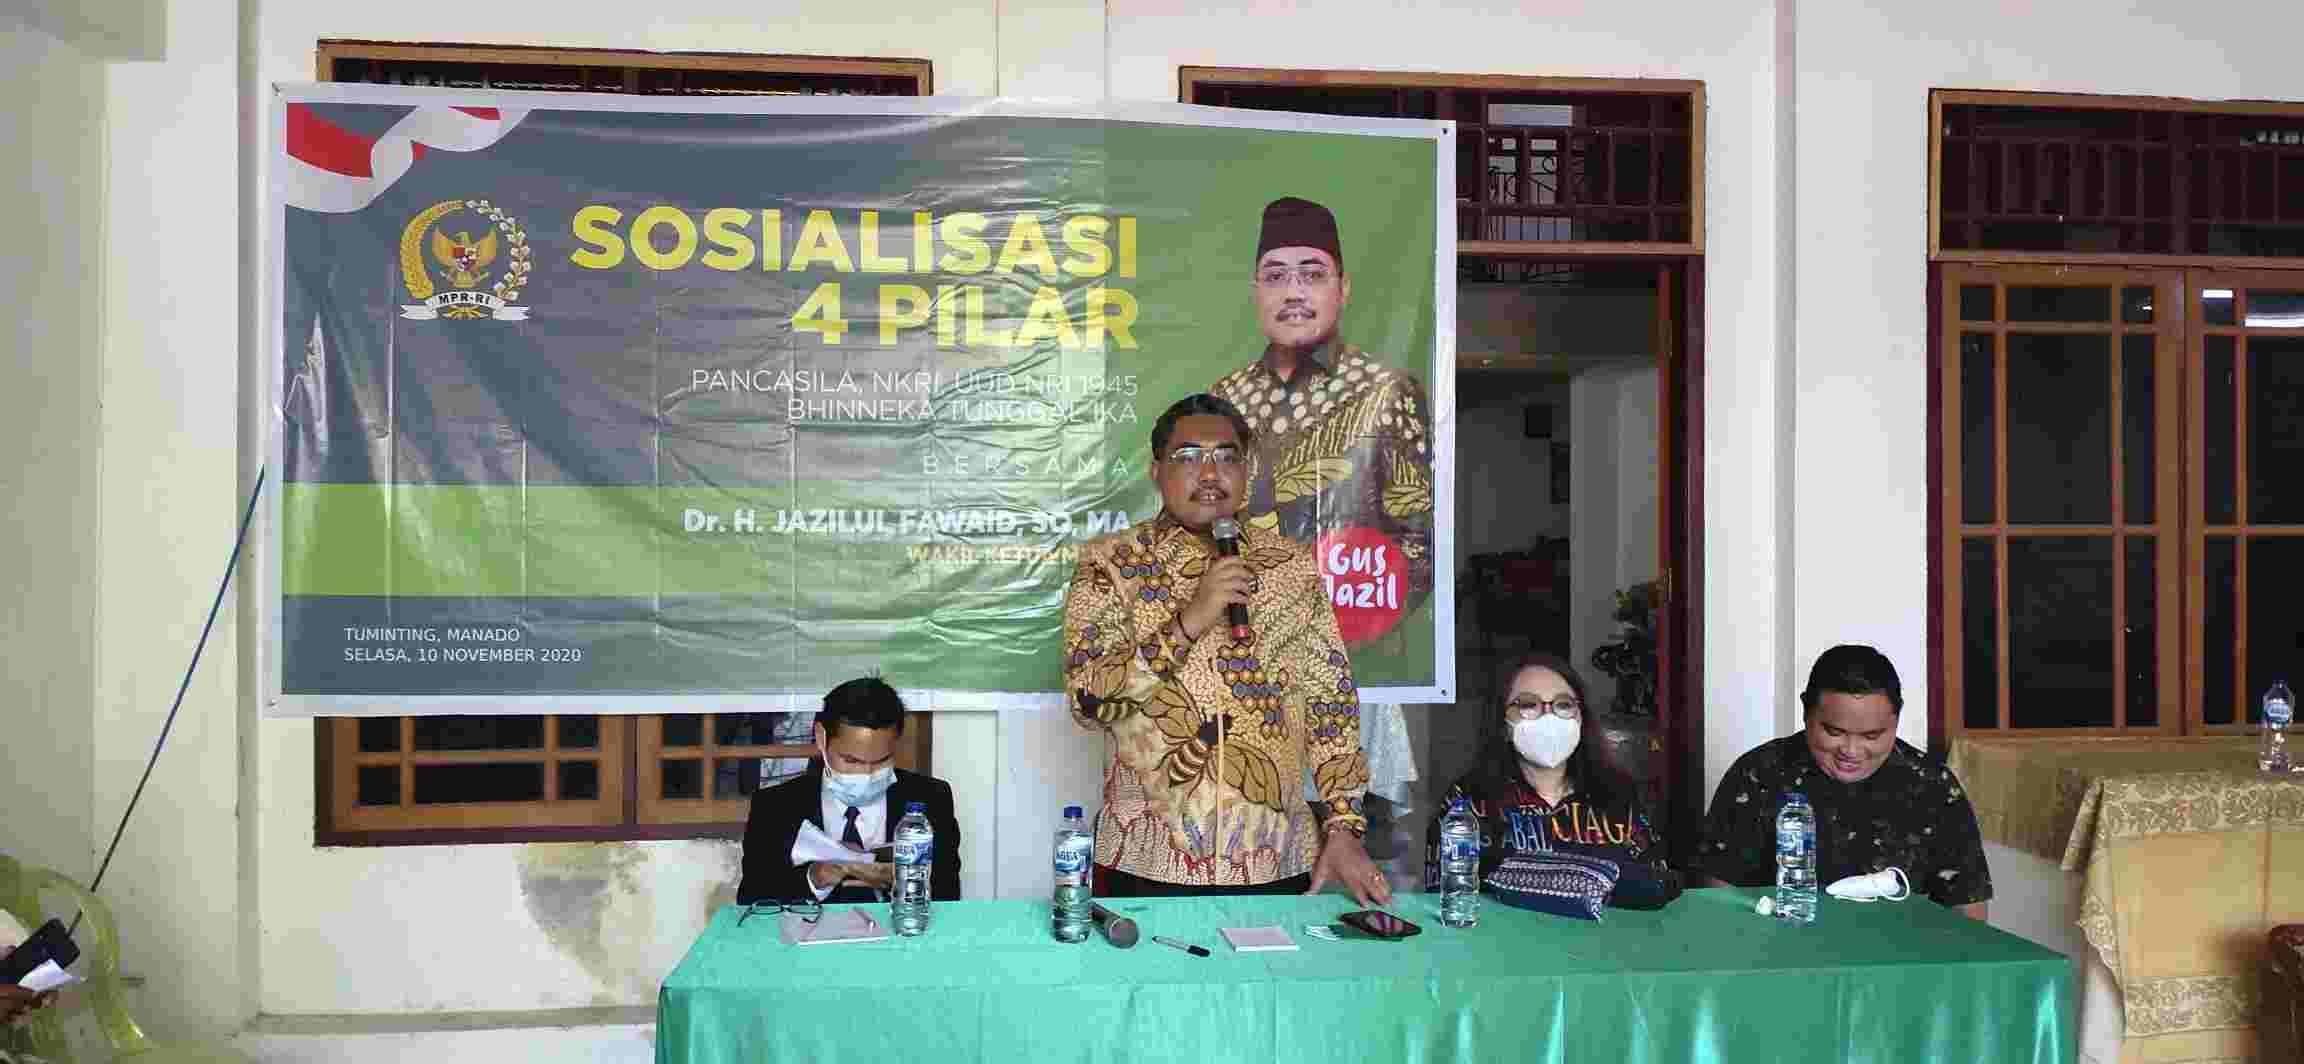 Berkunjung Ke Manado, Jazilul Fawahid Sosialisasikan 4 Pilar Kebangsaan